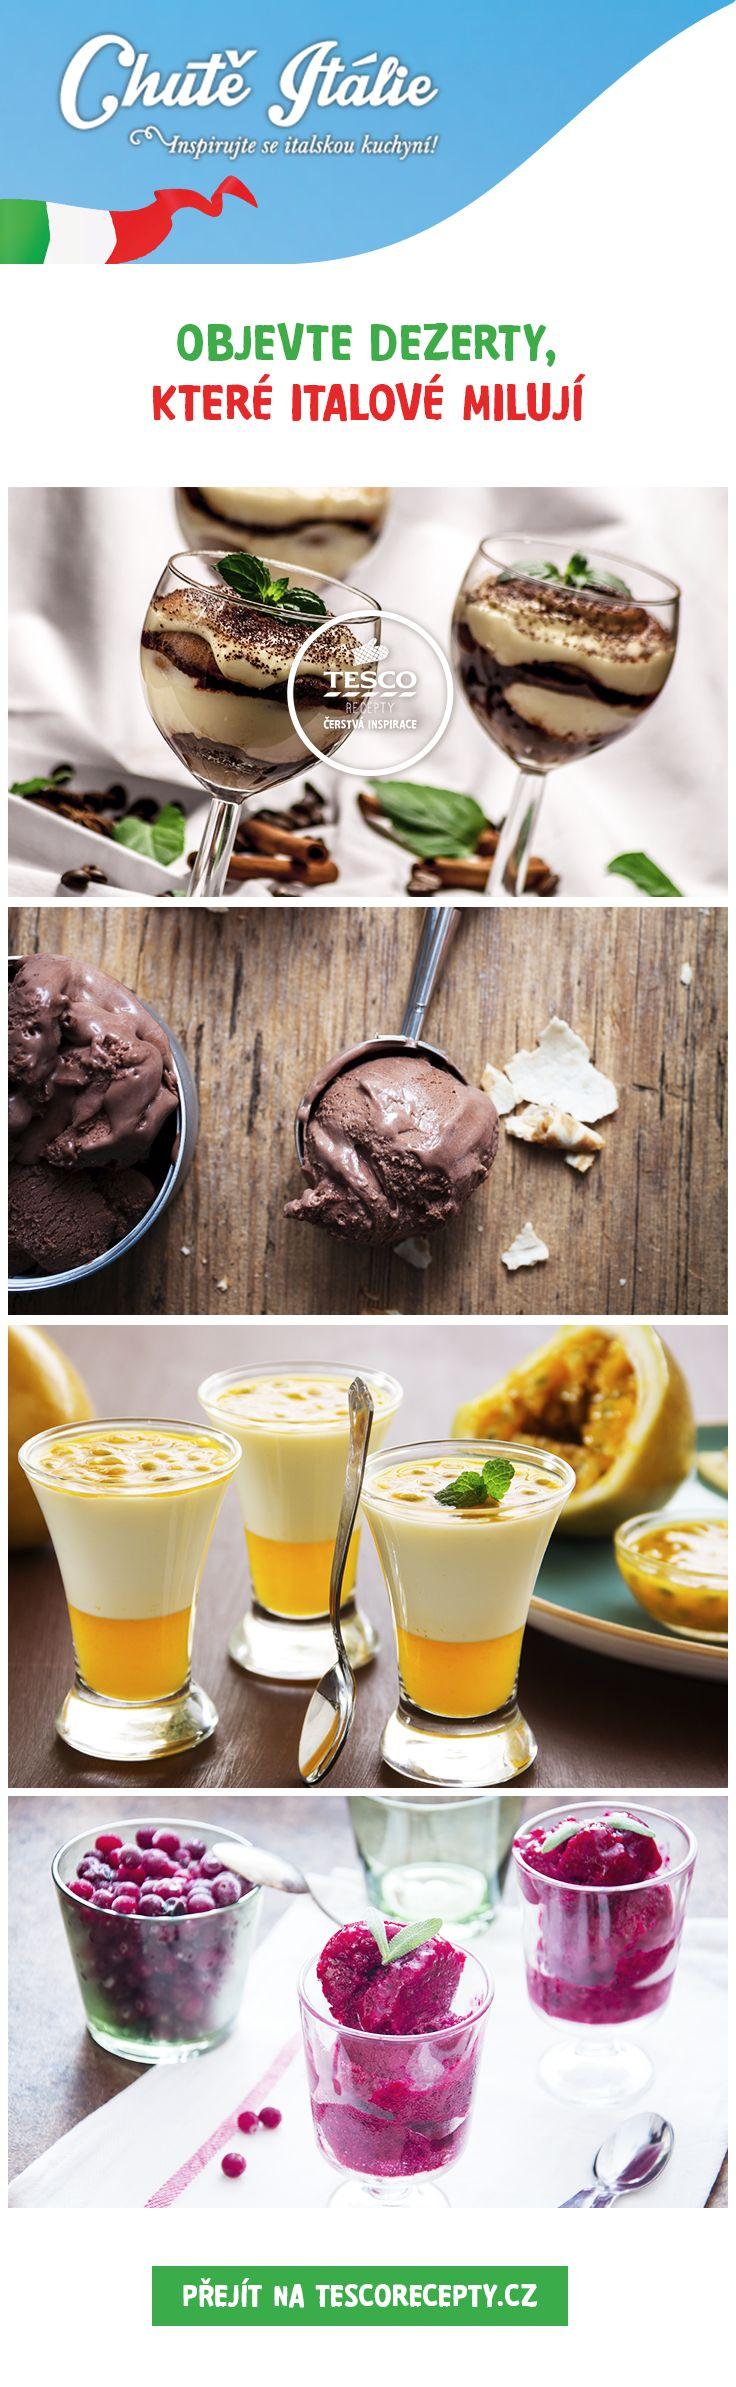 Připravte si typické italské dezerty podle našich receptů!